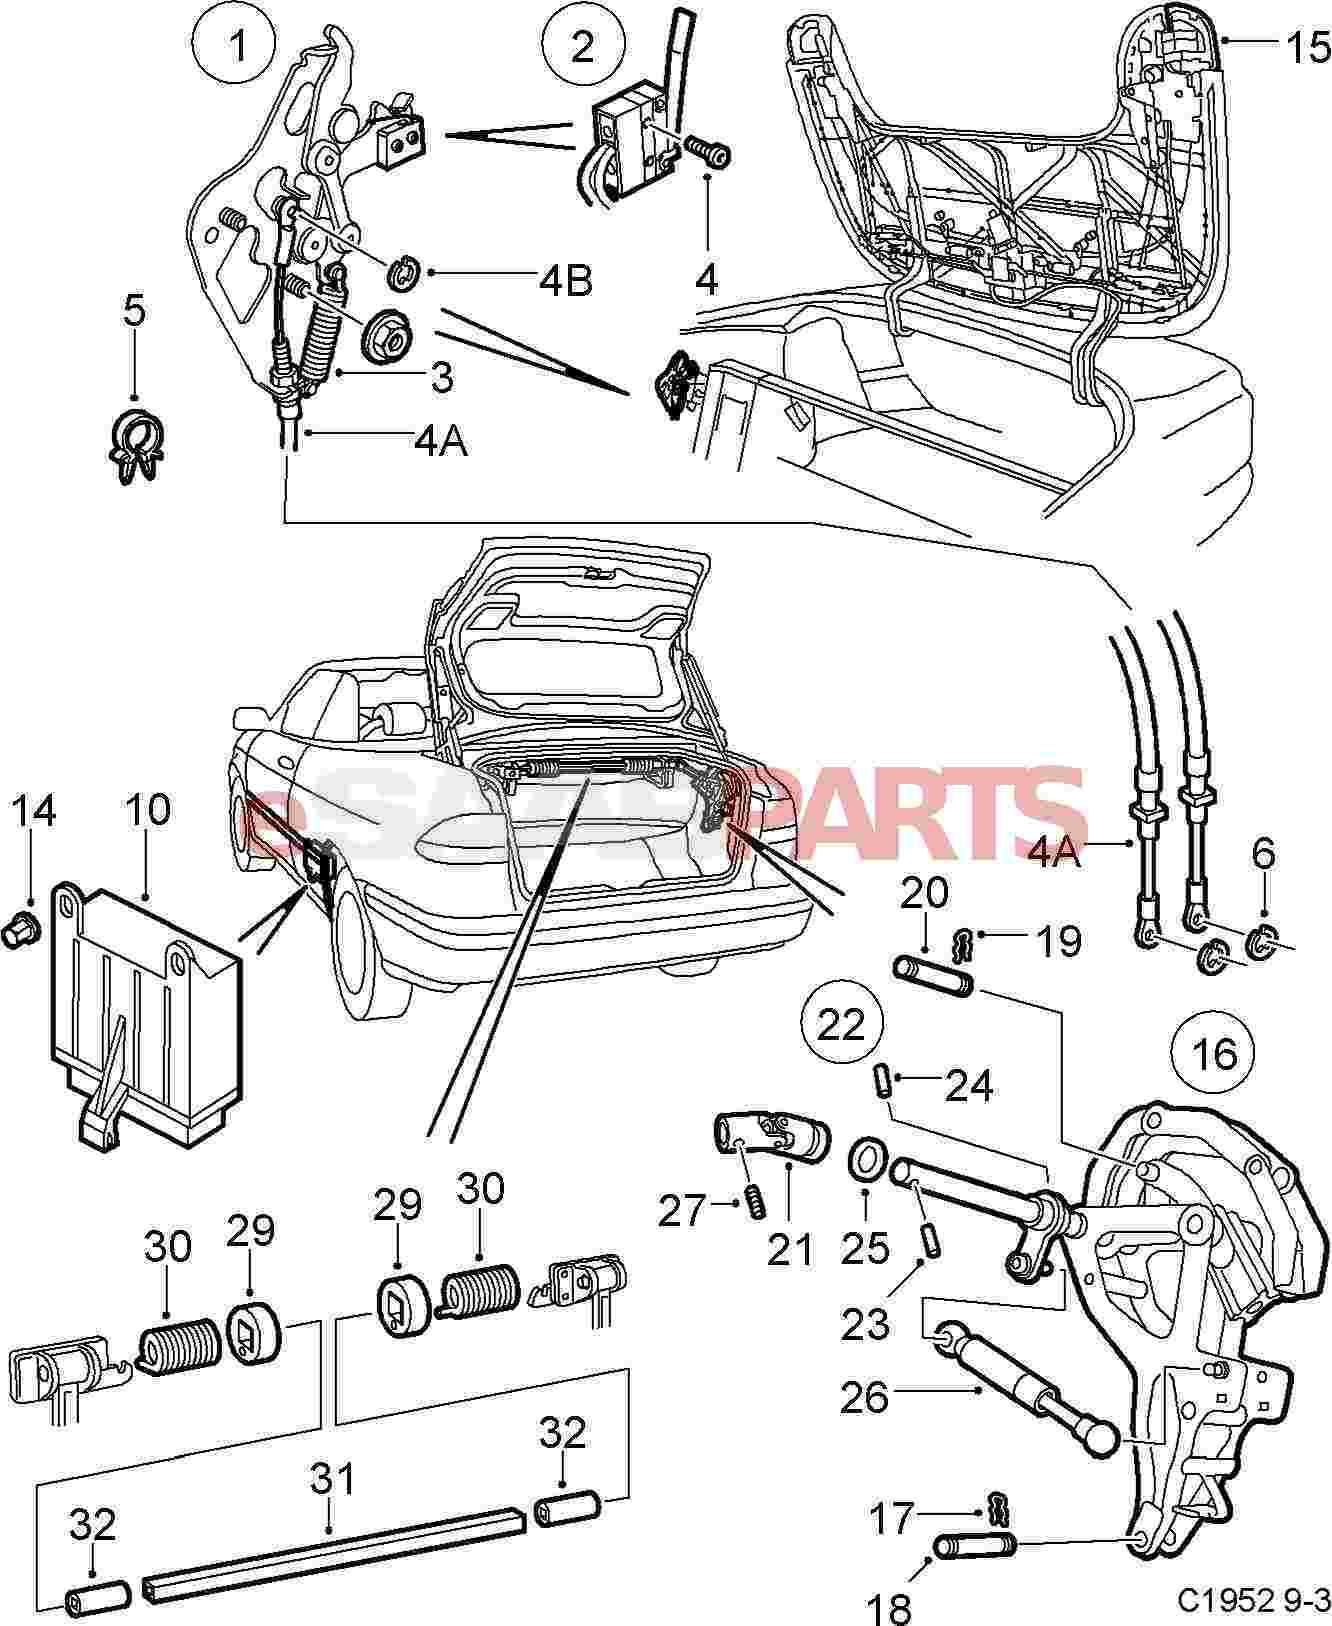 Esaabparts saab 9 3 9400 \u003e car body external parts \u003e convertible parts \u003e tonneau cover part 1 2000 saab convertible top diagram